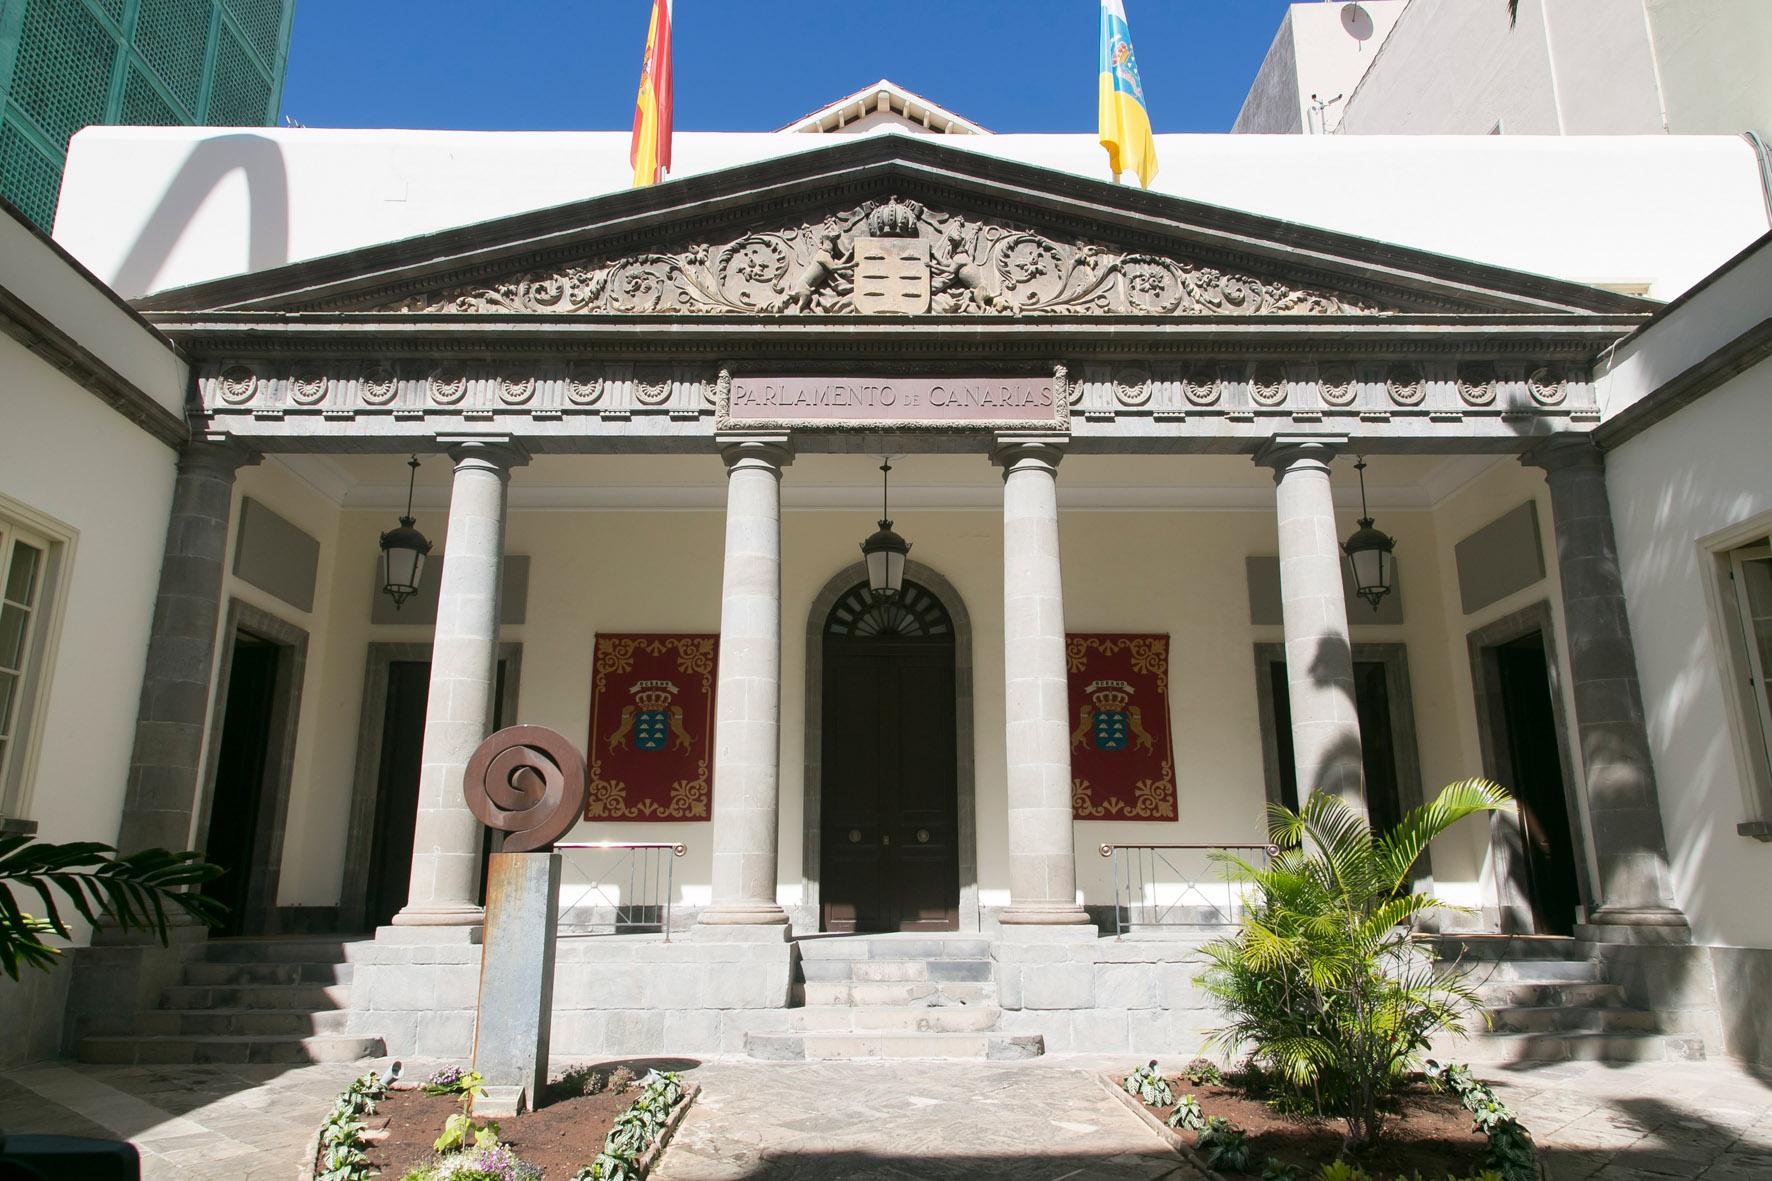 Declaraci n institucional del parlamento sobre el atentado for Sede del parlamento